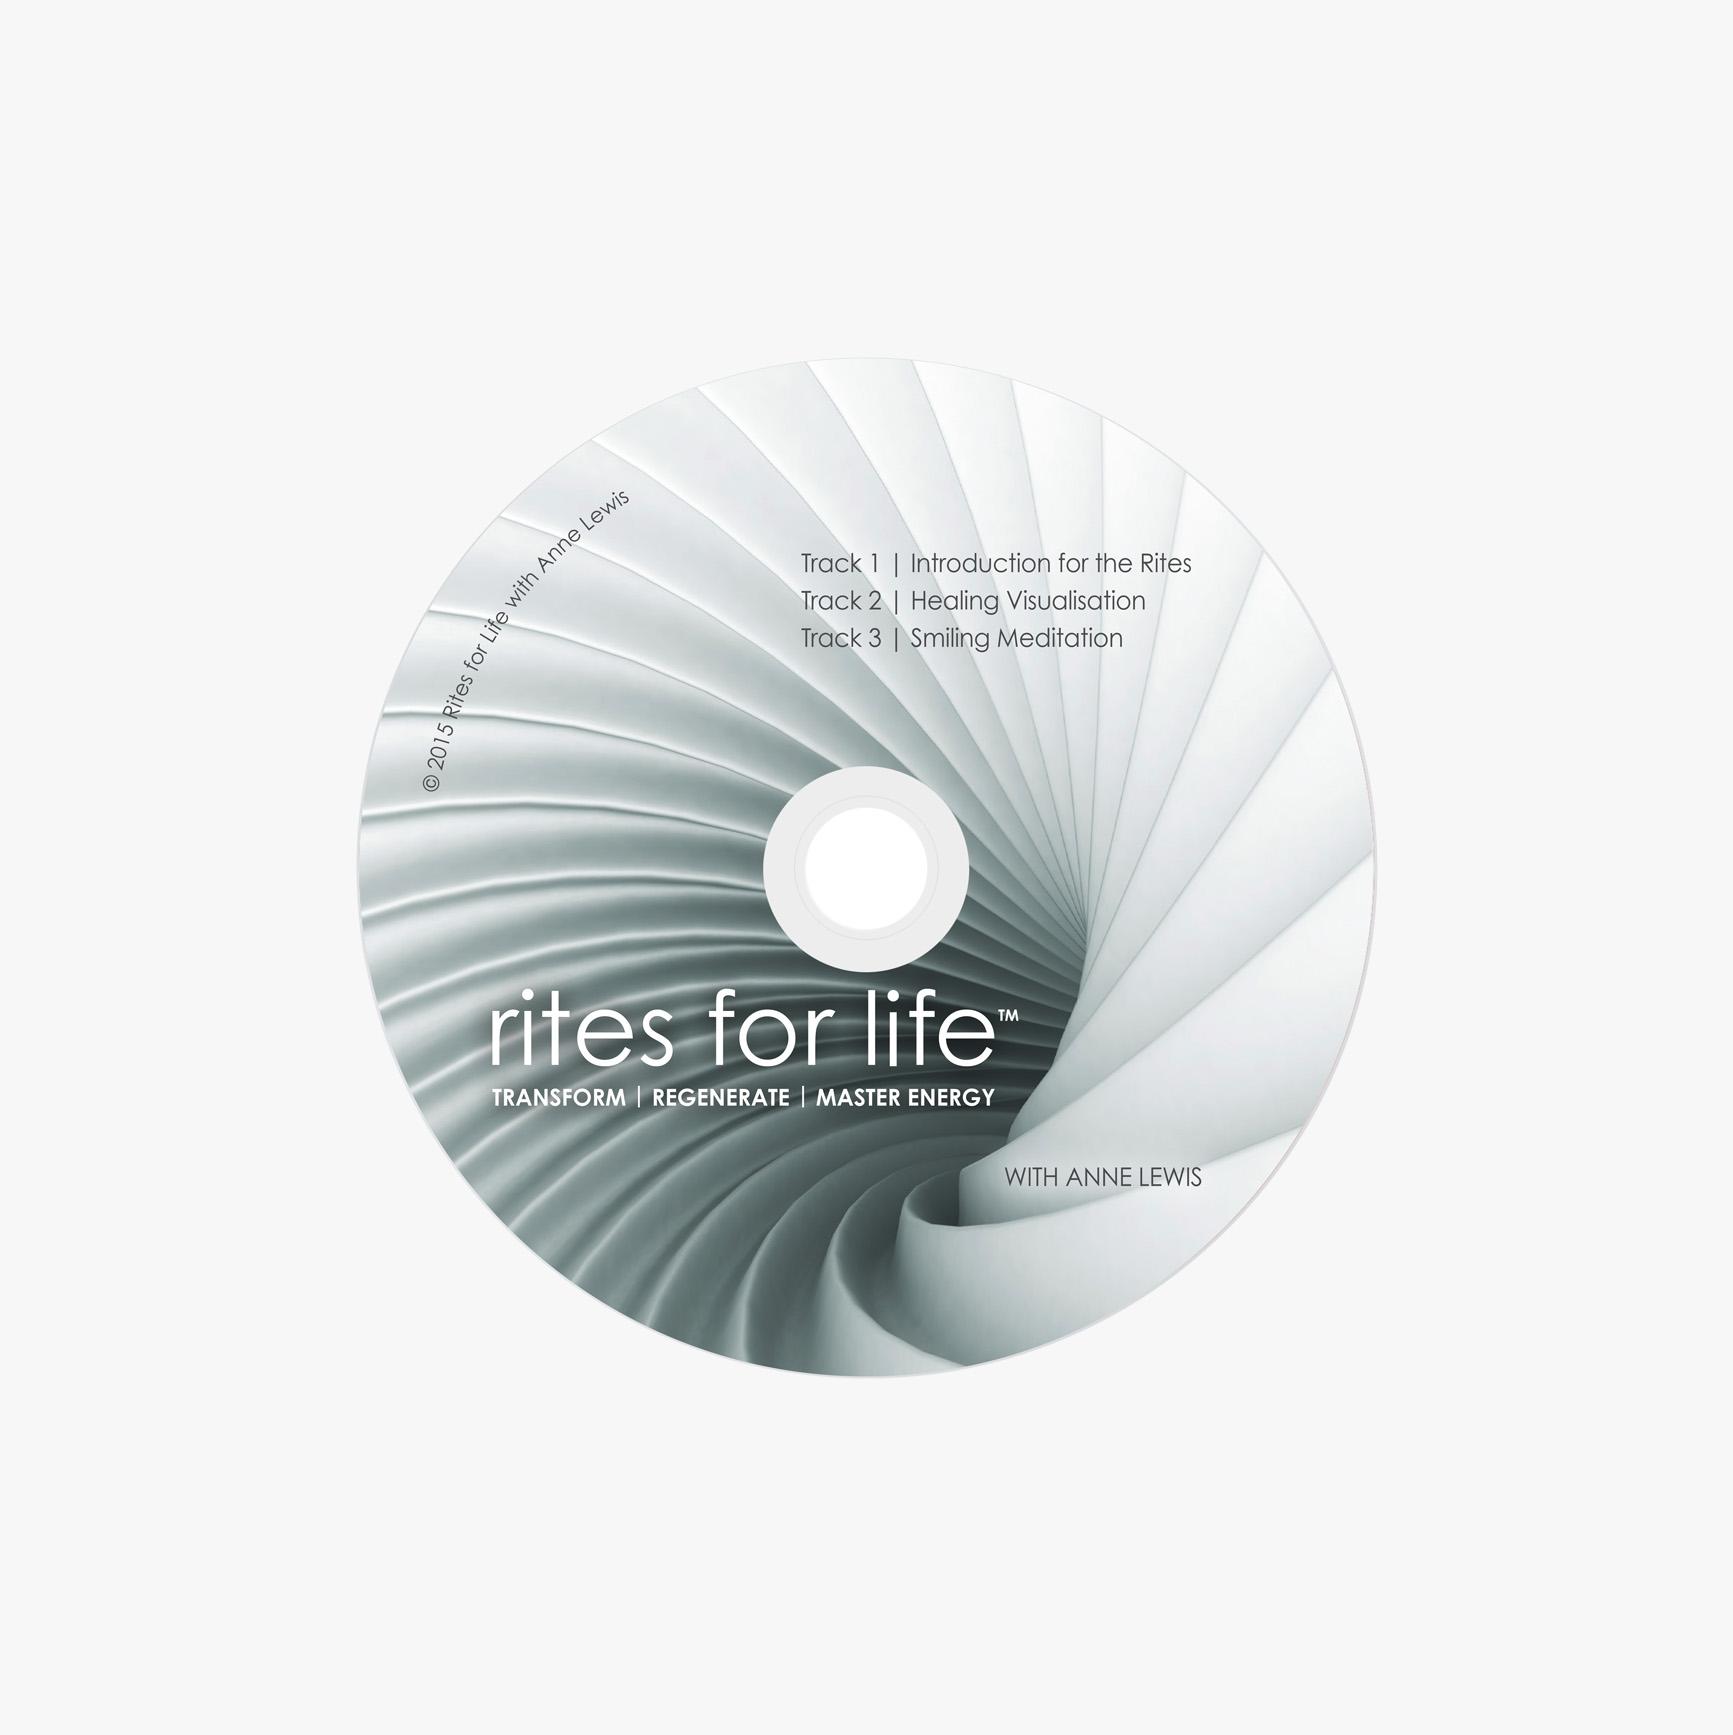 rites_for_life_CD.jpg